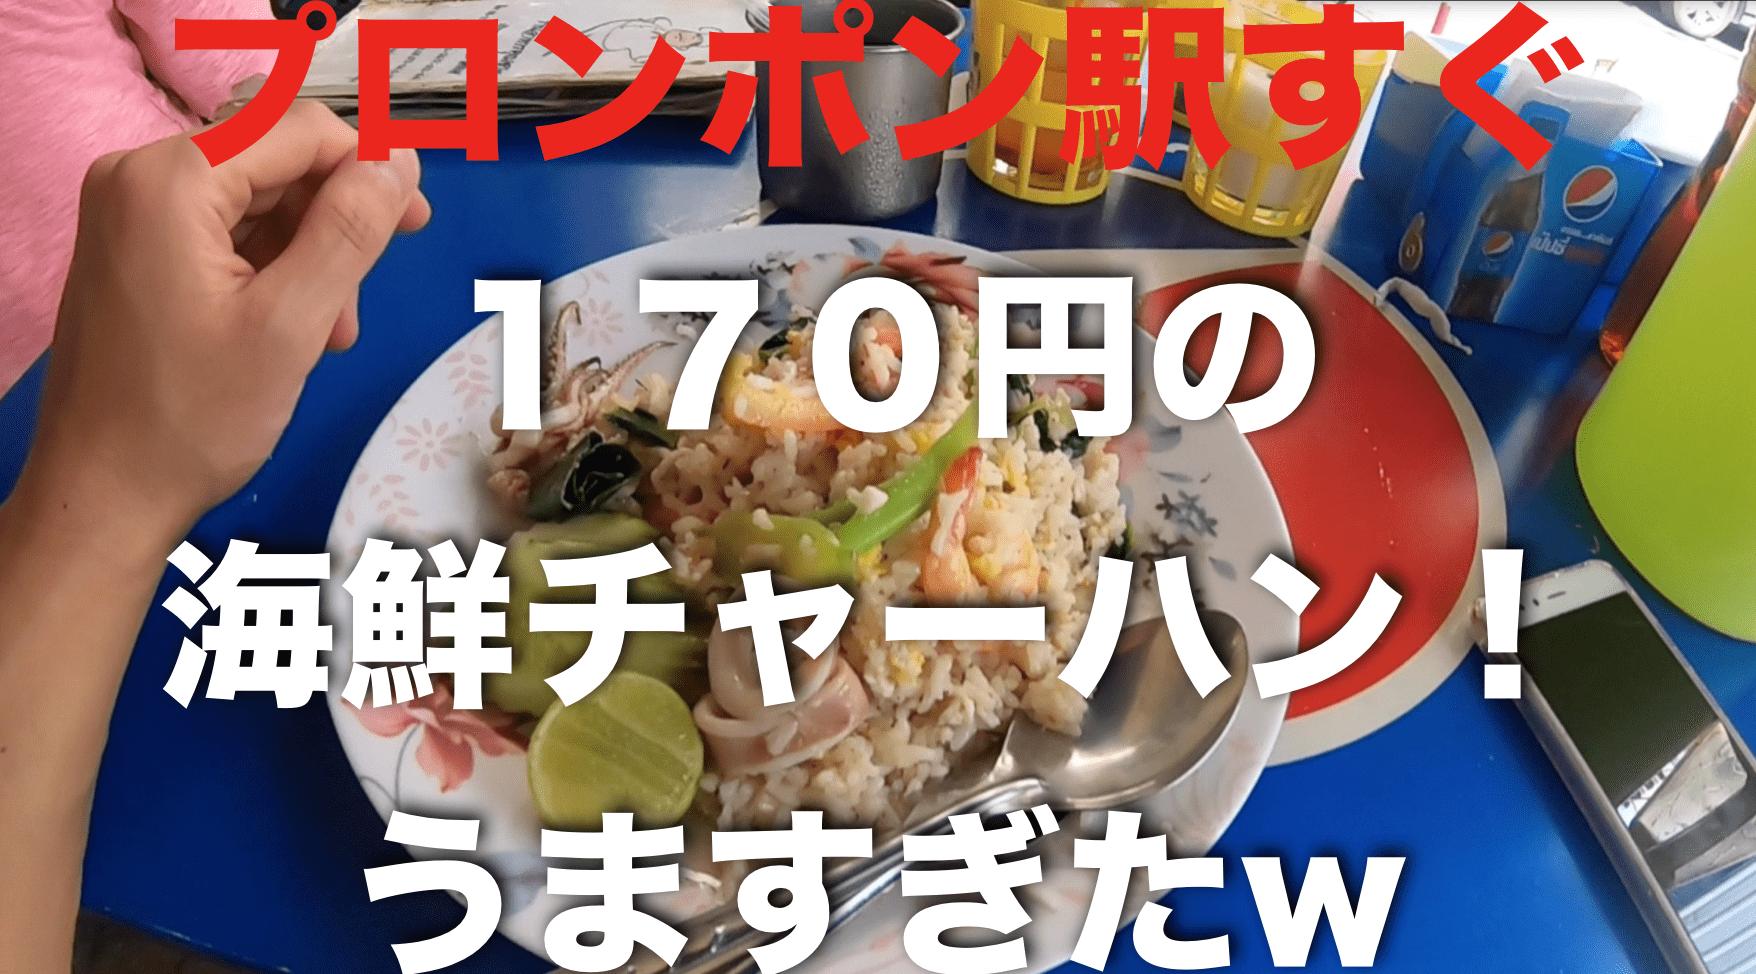 プロンポン駅すぐ 170円の 海鮮チャーハン! うますぎたw